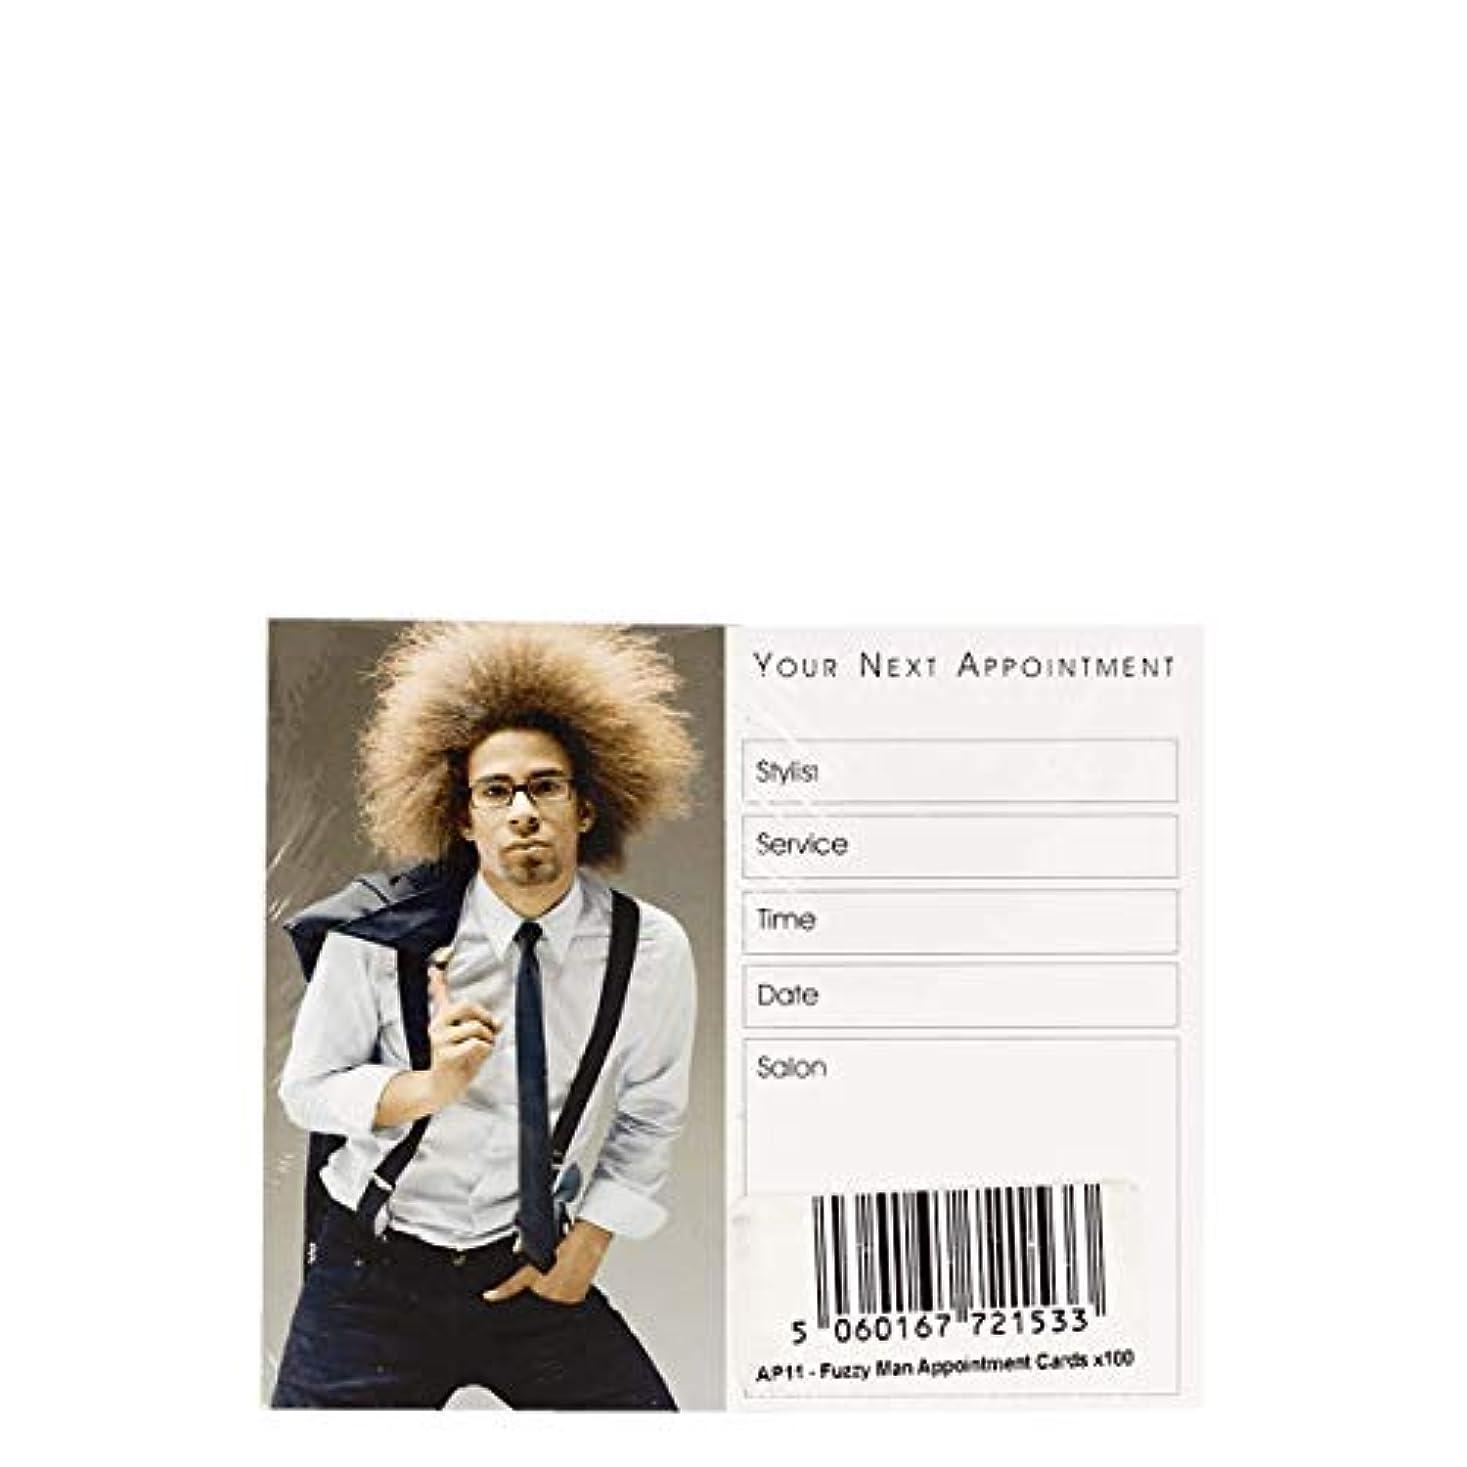 かもめ材料超越するアポイントメントカード Appointment Cards- AP11 FUZZY MAN CARDS x100[海外直送品] [並行輸入品]